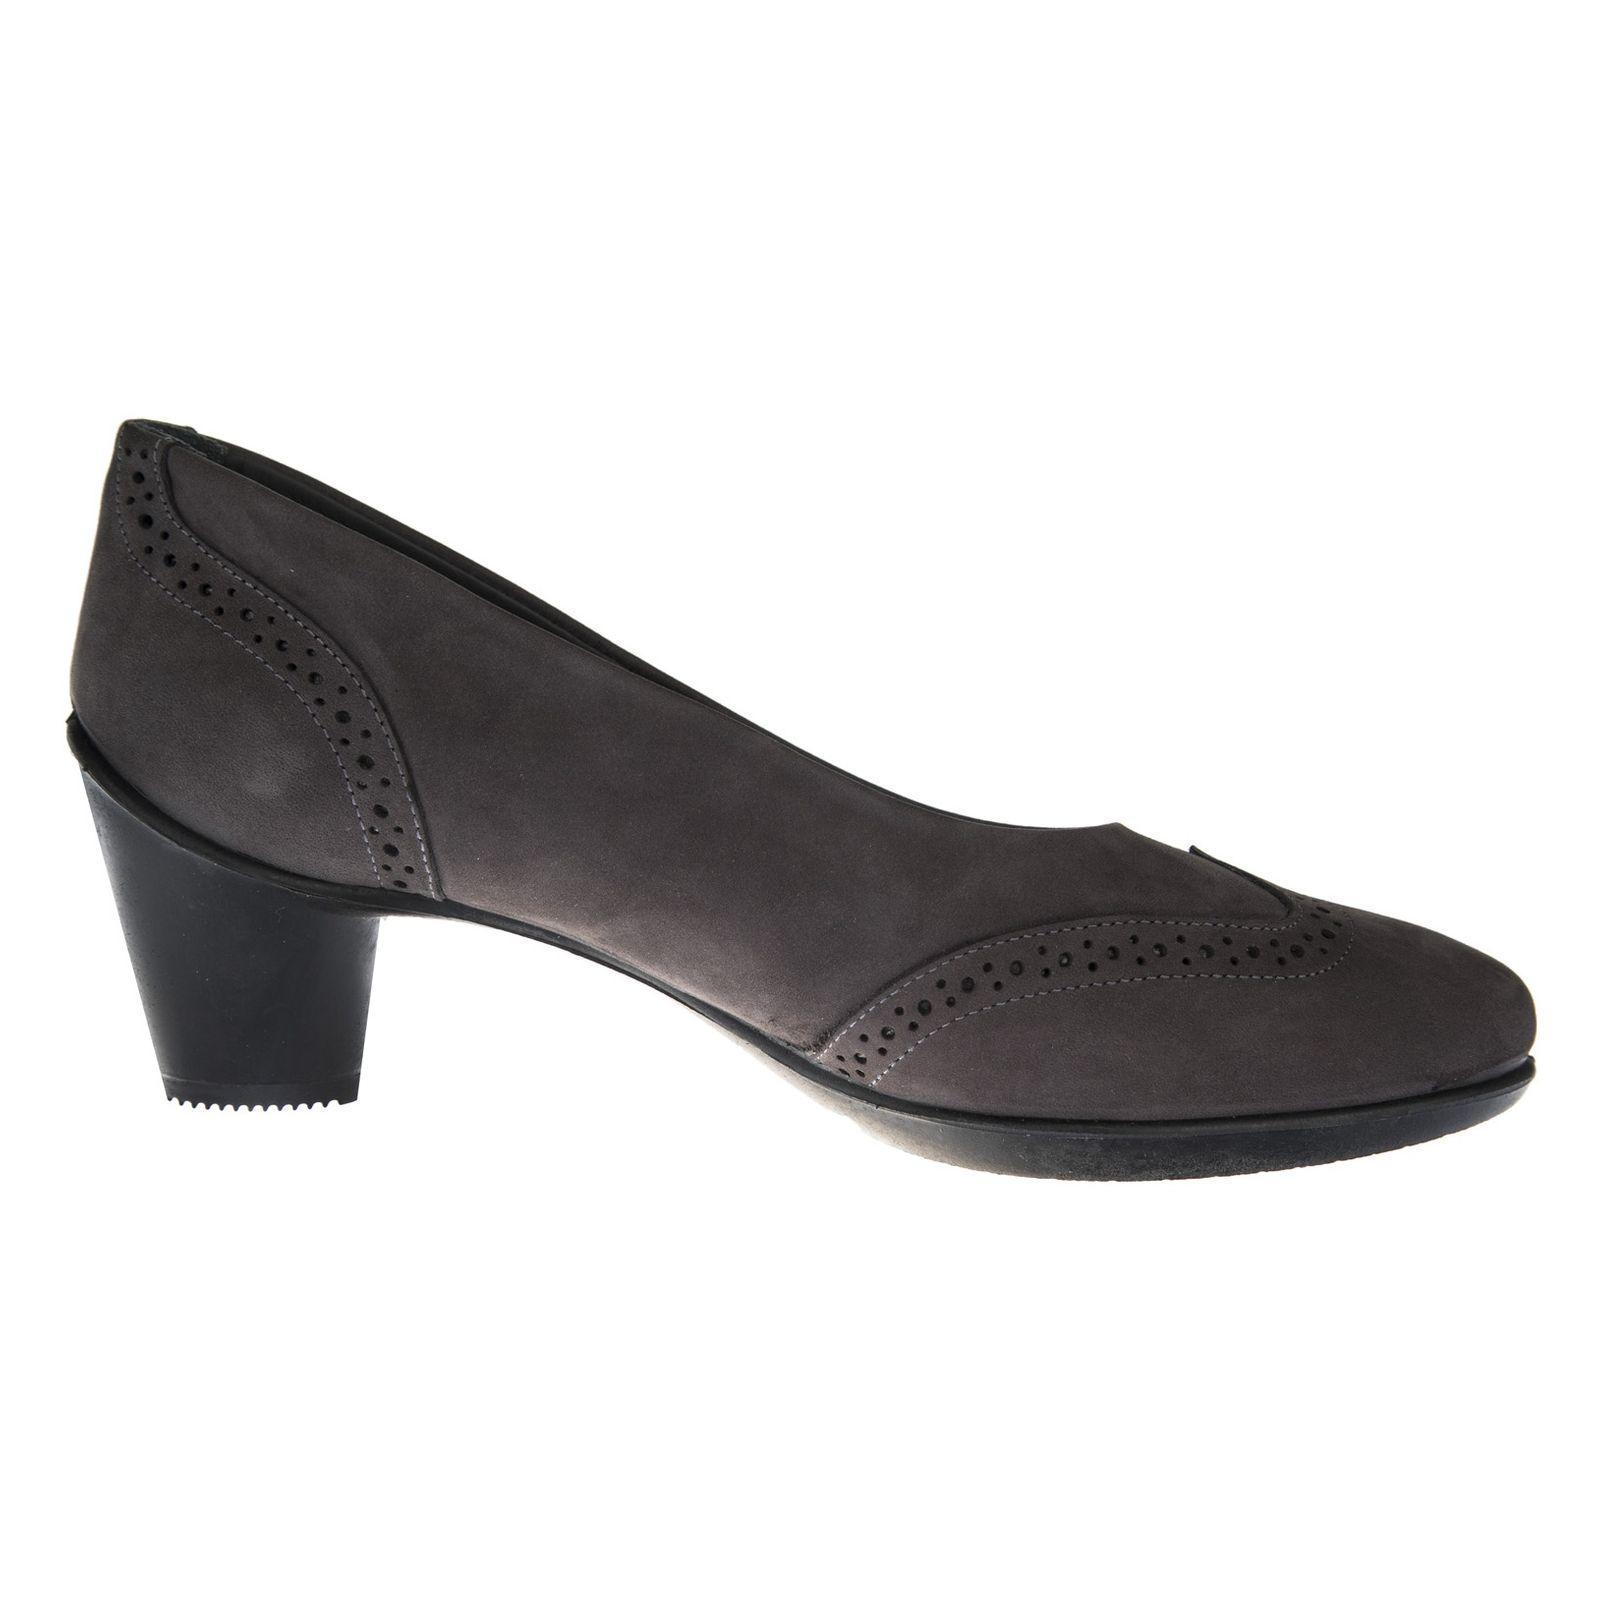 کفش زنانه دنیلی مدل 102140112201 main 1 2